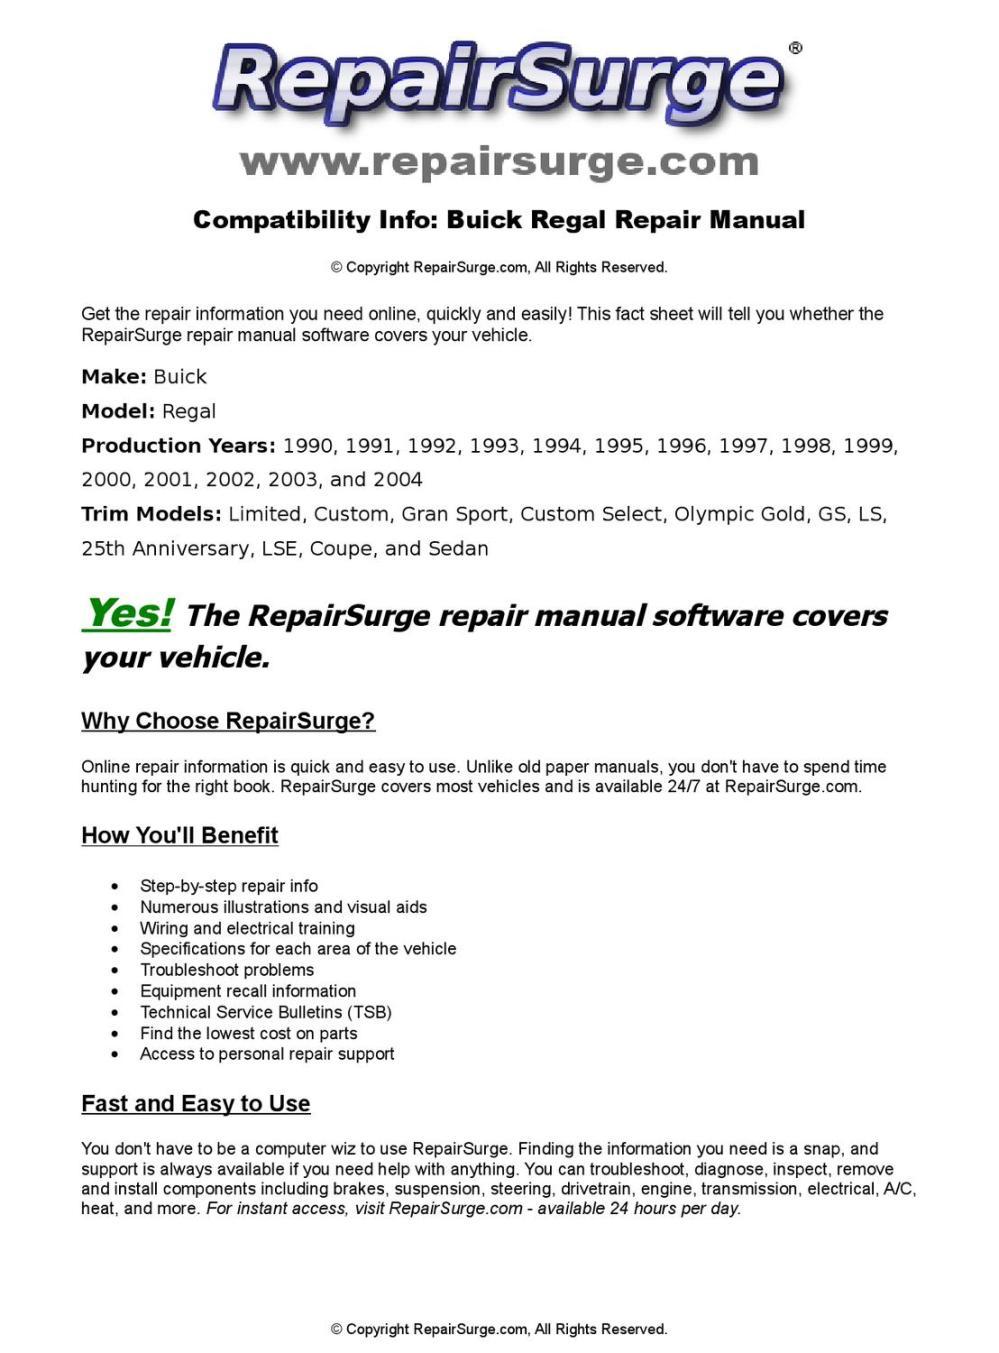 medium resolution of buick regal online repair manual for 1990 1991 1992 1993 1994 1995 1996 1997 1998 1999 200 by repairsurge issuu